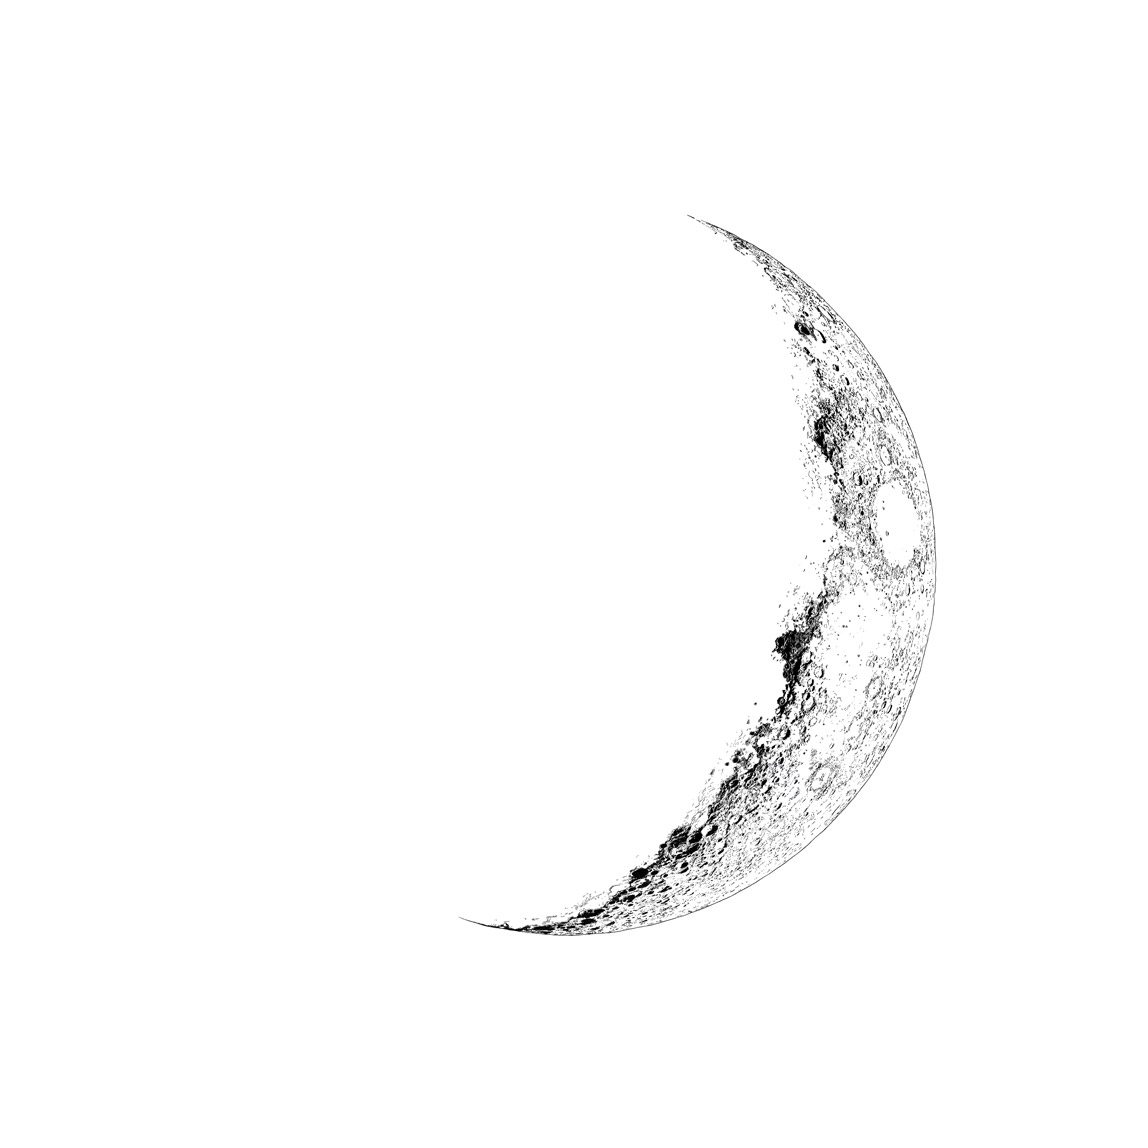 1148x1148 Crescent Moon Drawing Crescent Moon – Bc Art